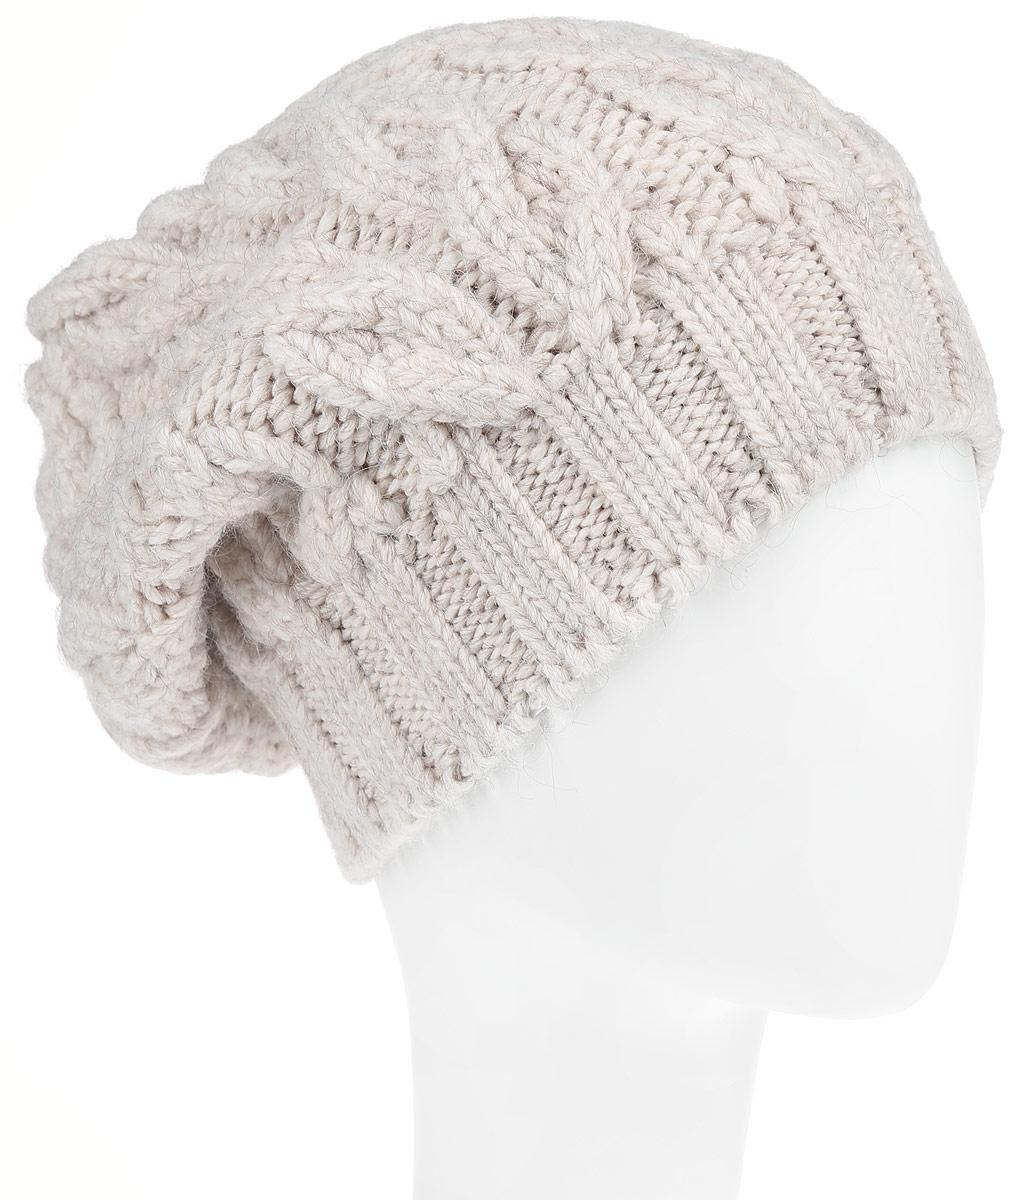 Шапка женская. B346526B346526_SILVER MELANGEВязаная женская шапка Baon отлично подойдет для модниц в холодное время года. Она мягкая и приятная на ощупь, обладает хорошими дышащими свойствами и максимально удерживает тепло. Изделие оформлено крупным вязаным узором, а также дополнено небольшой металлической пластиной. Такой стильный и теплый аксессуар подчеркнет ваш образ и индивидуальность!